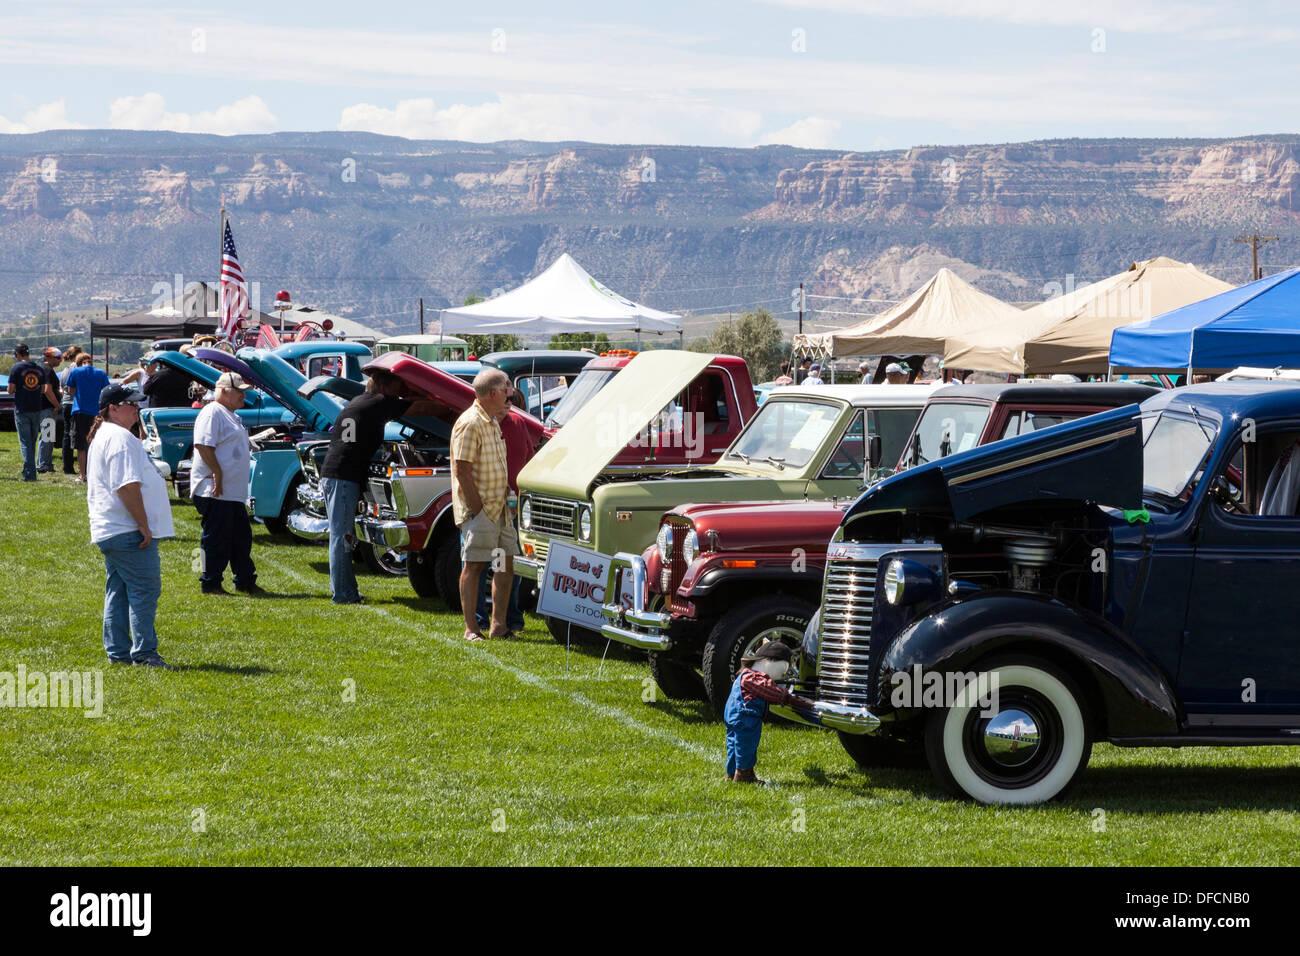 Les spectateurs à un salon de voitures près de Grand Junction, Colorado à la recherche lors d'une collection personnalisée et l'automobile. USA Photo Stock